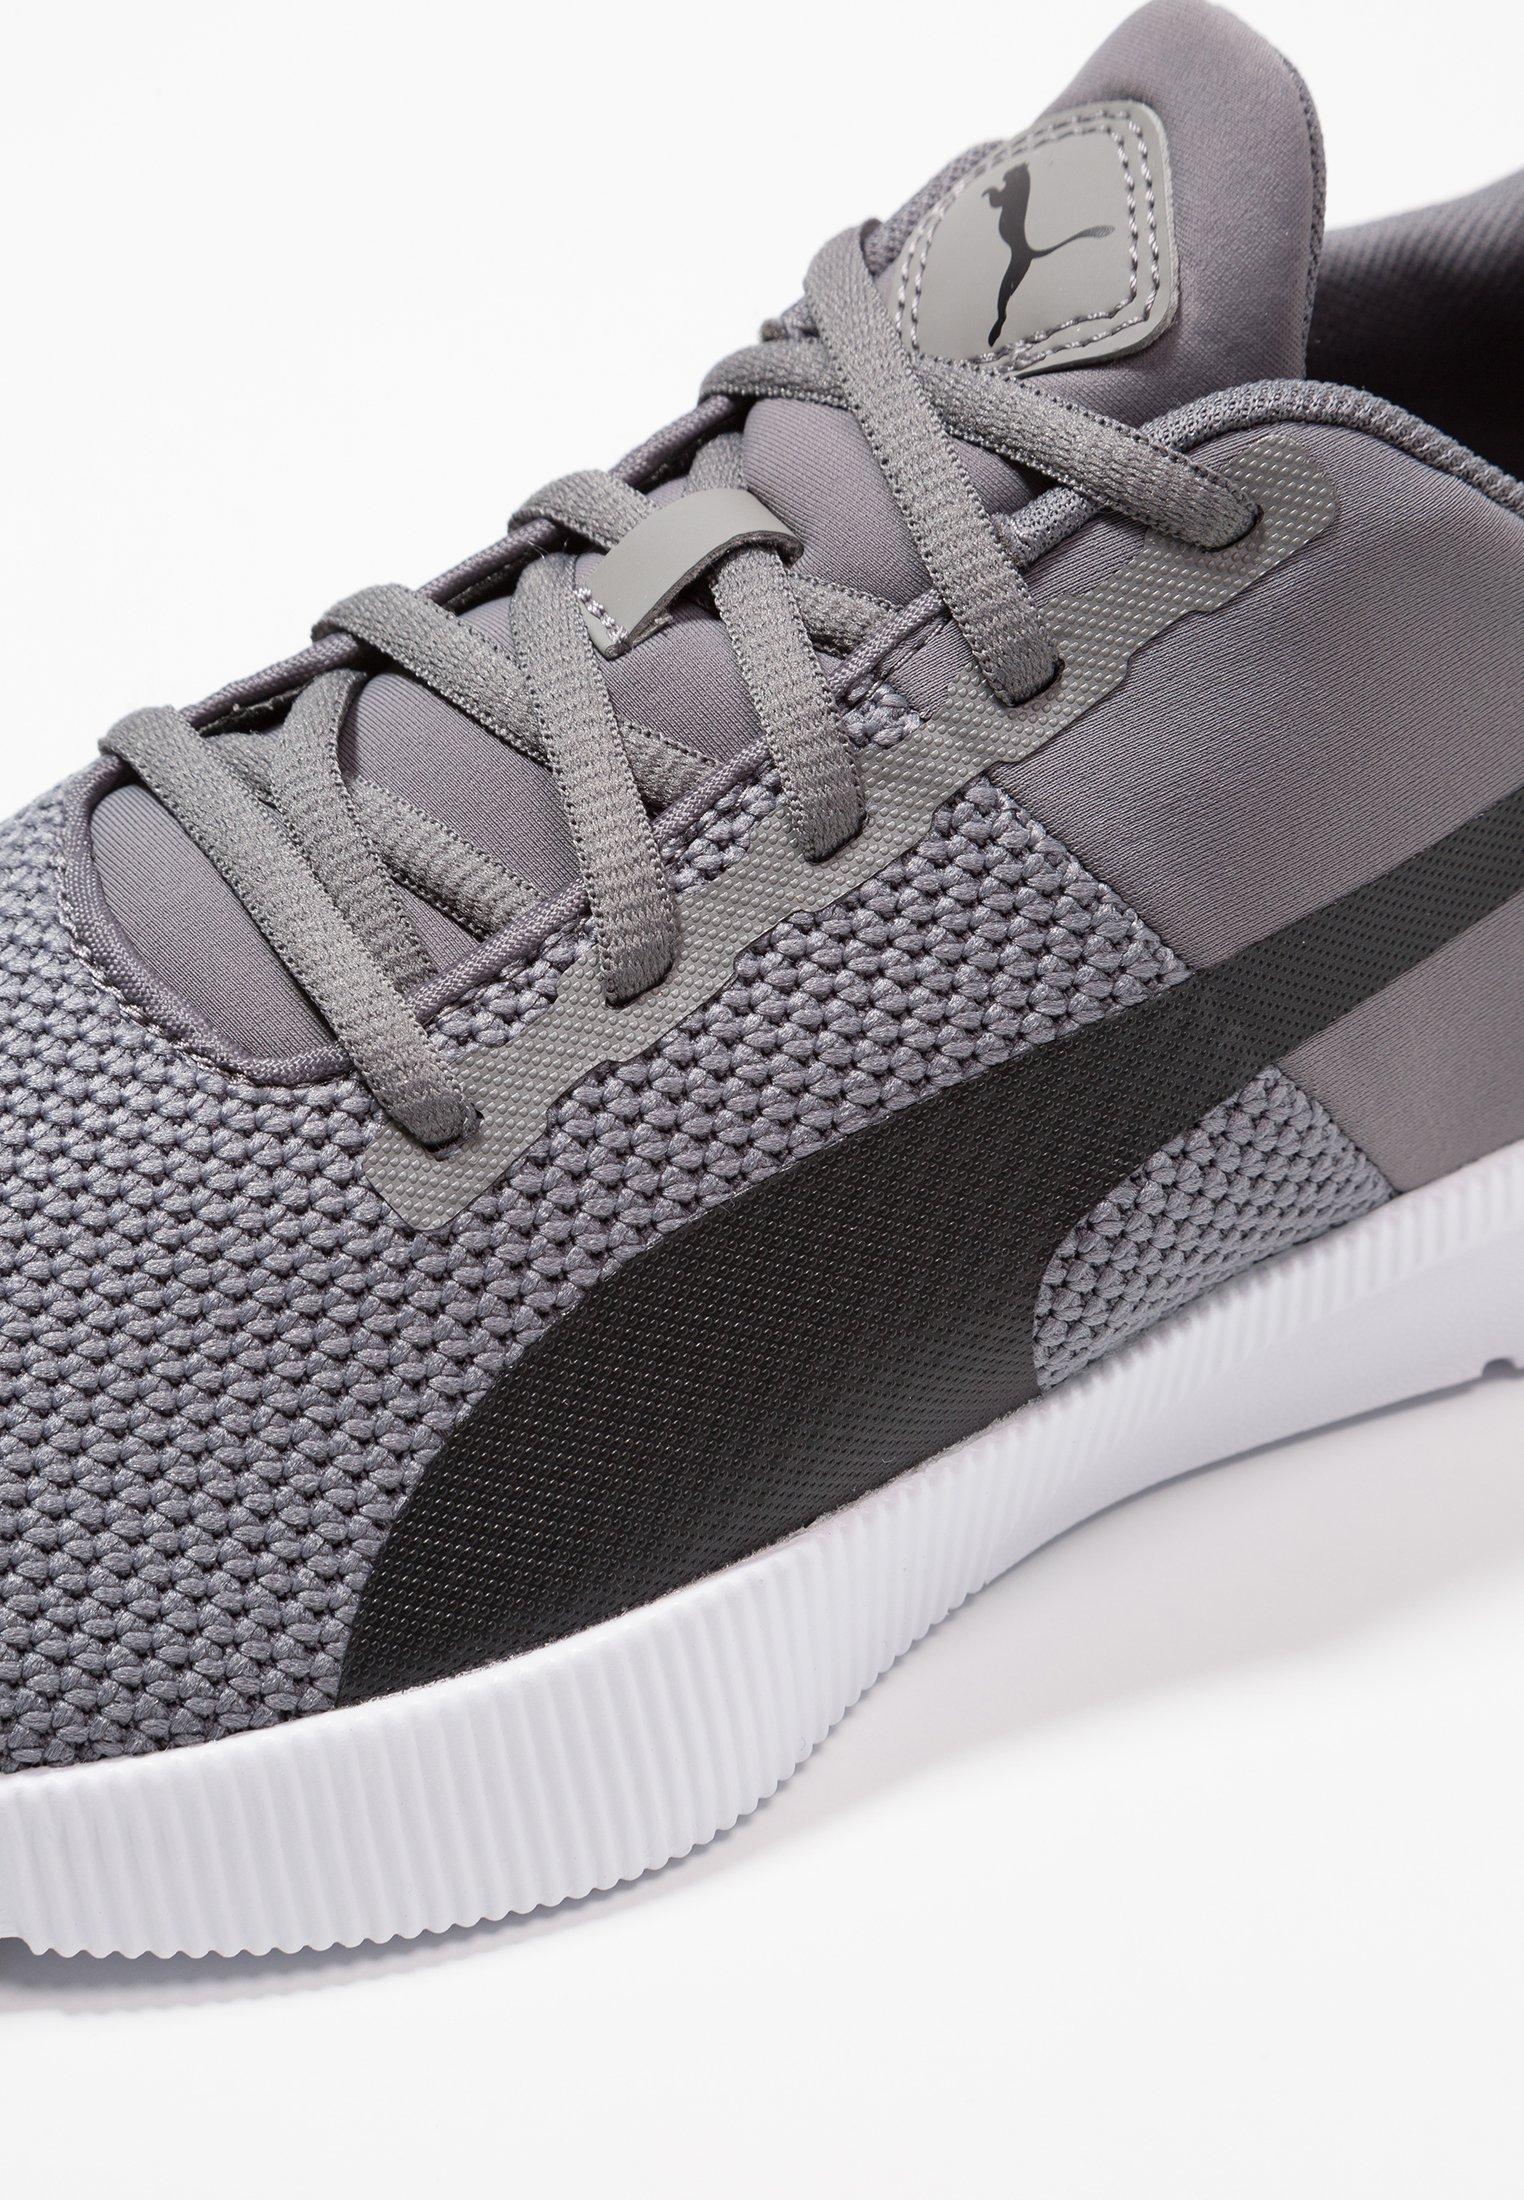 FLYER RUNNER Chaussures de running neutres charcoal grayblack